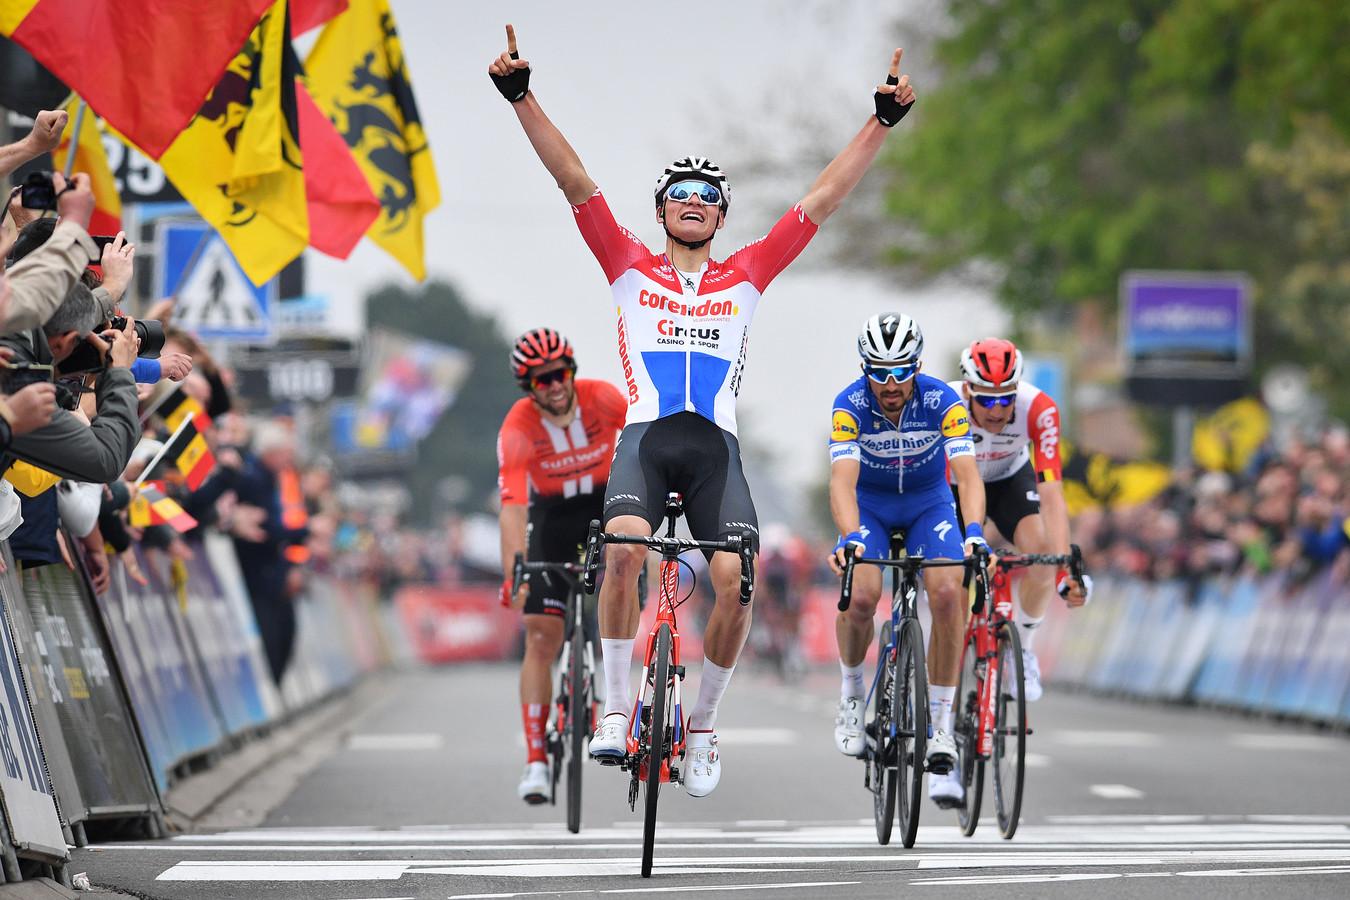 Van der Poel verslaat in de Brabantse Pijl toppers als Julian Alaphilippe, Tim Wellens en Michael Matthews.